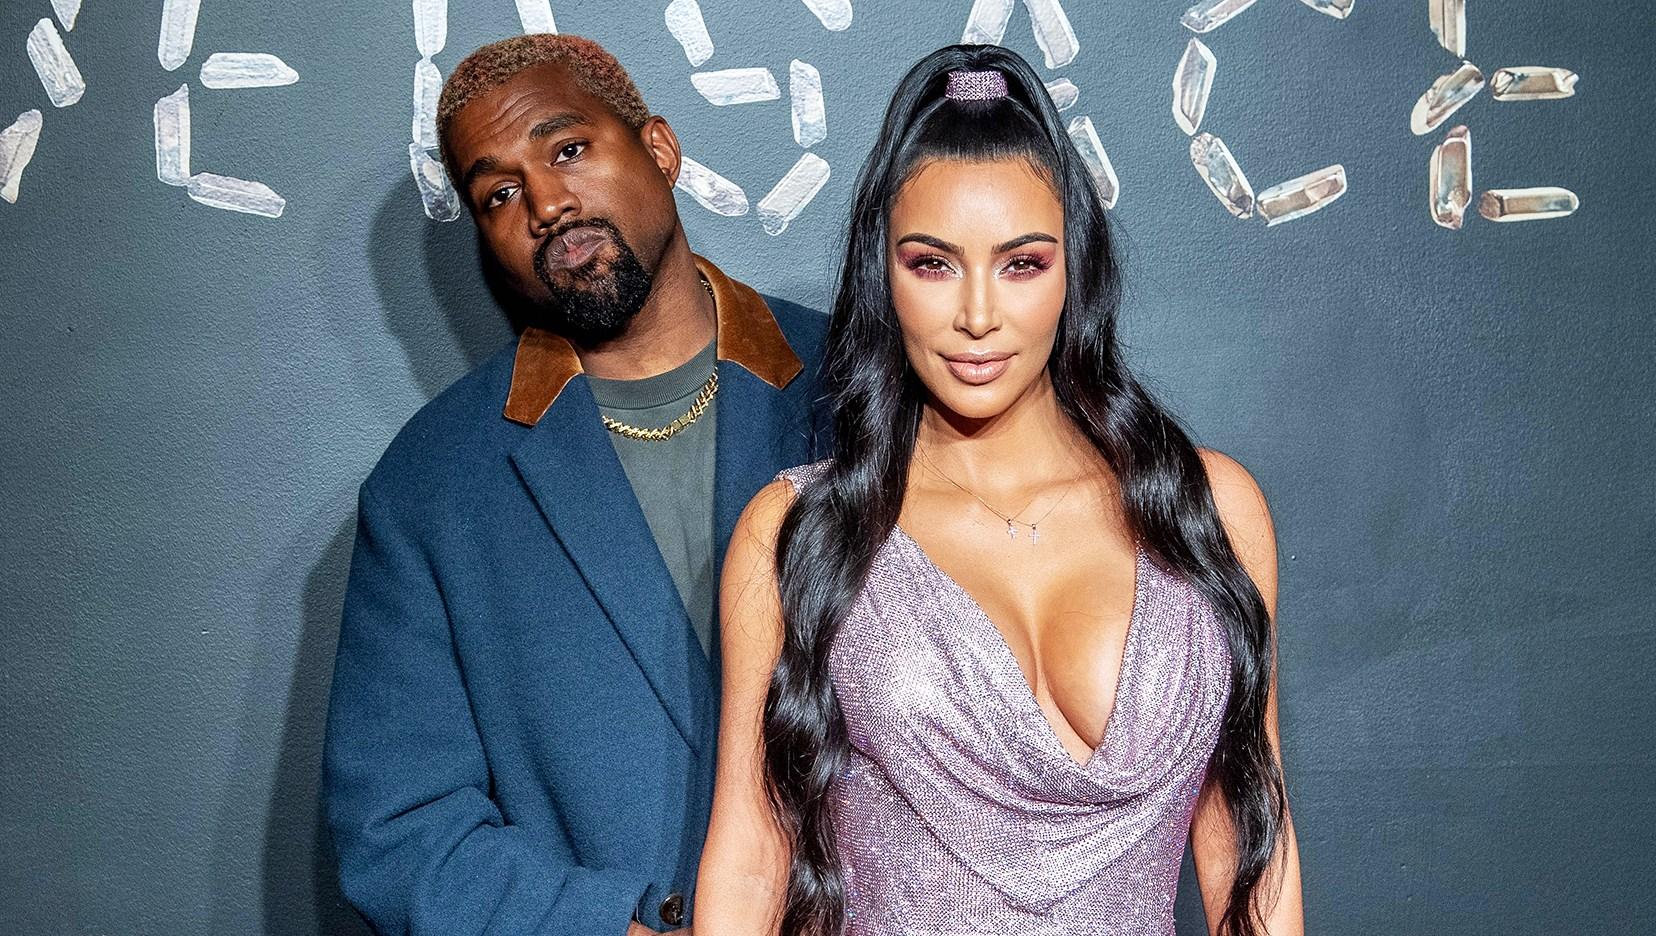 Kanye West Buys Kim Kardashian Miami Condo